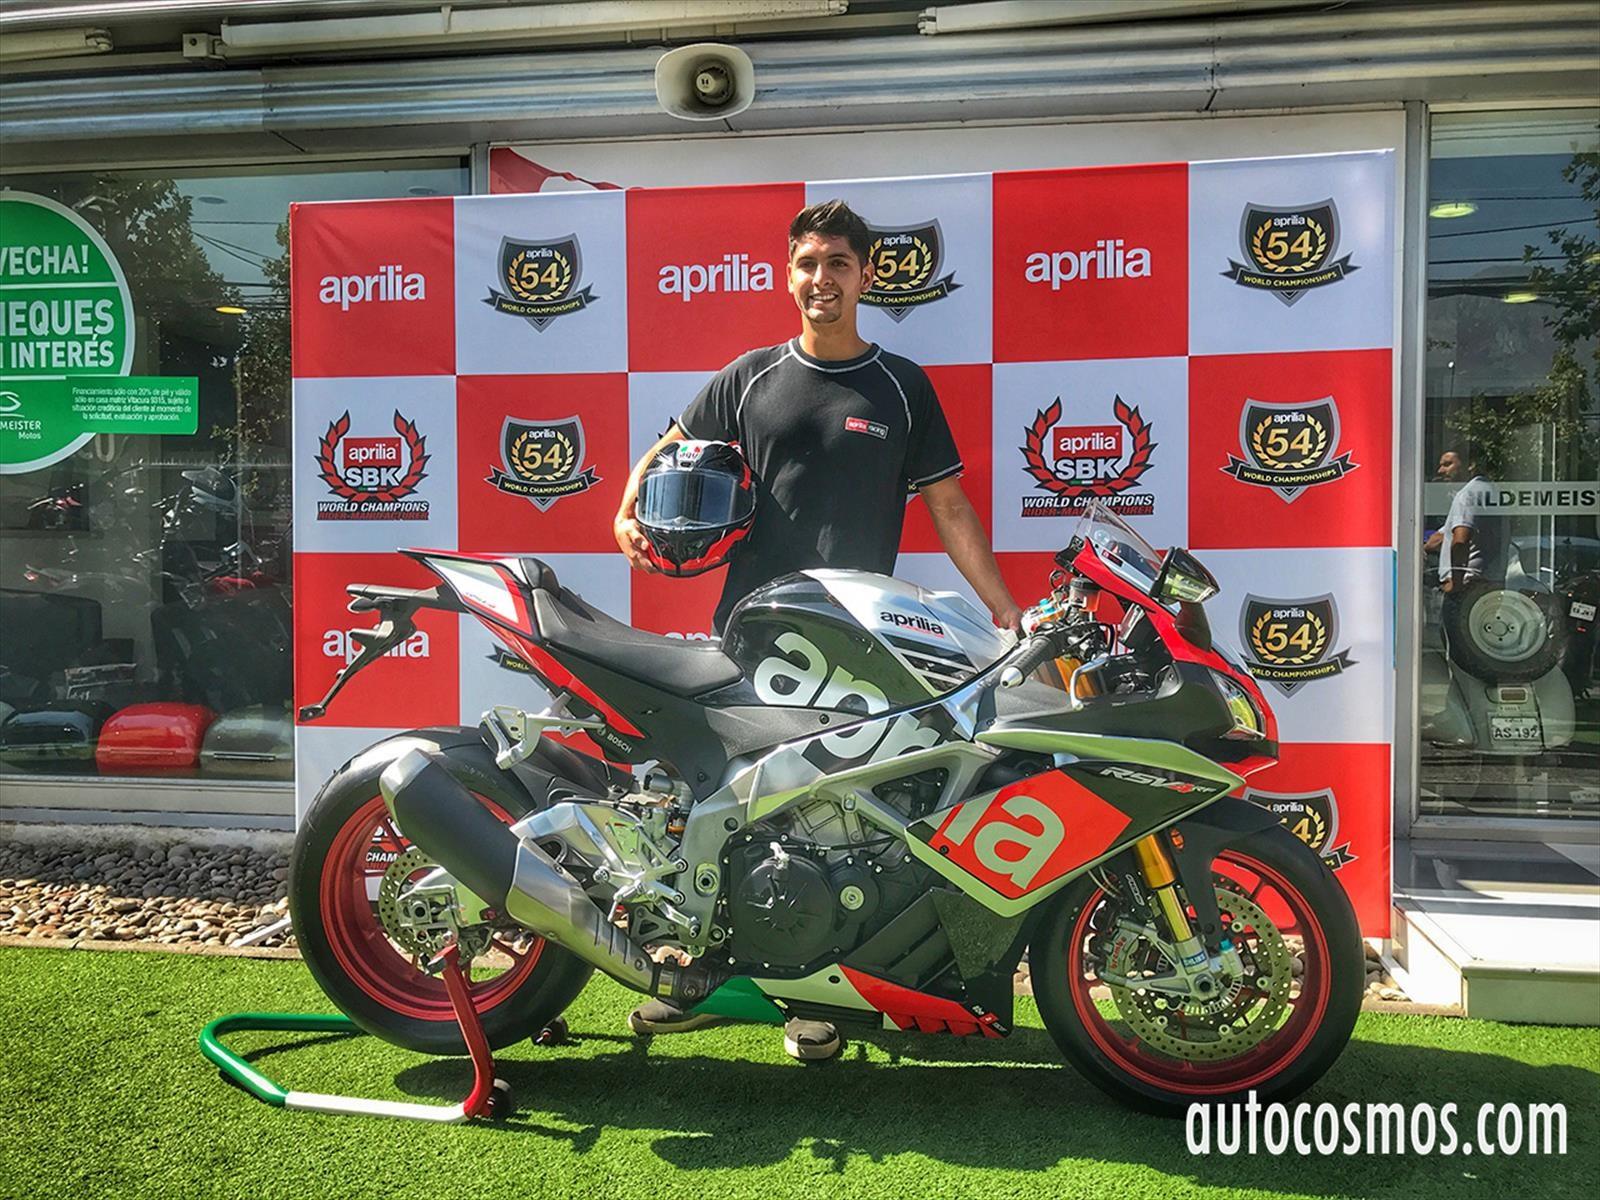 Maxi Scheib firma con Aprilia de cara al Mundial de Superbike 2017 y 2018